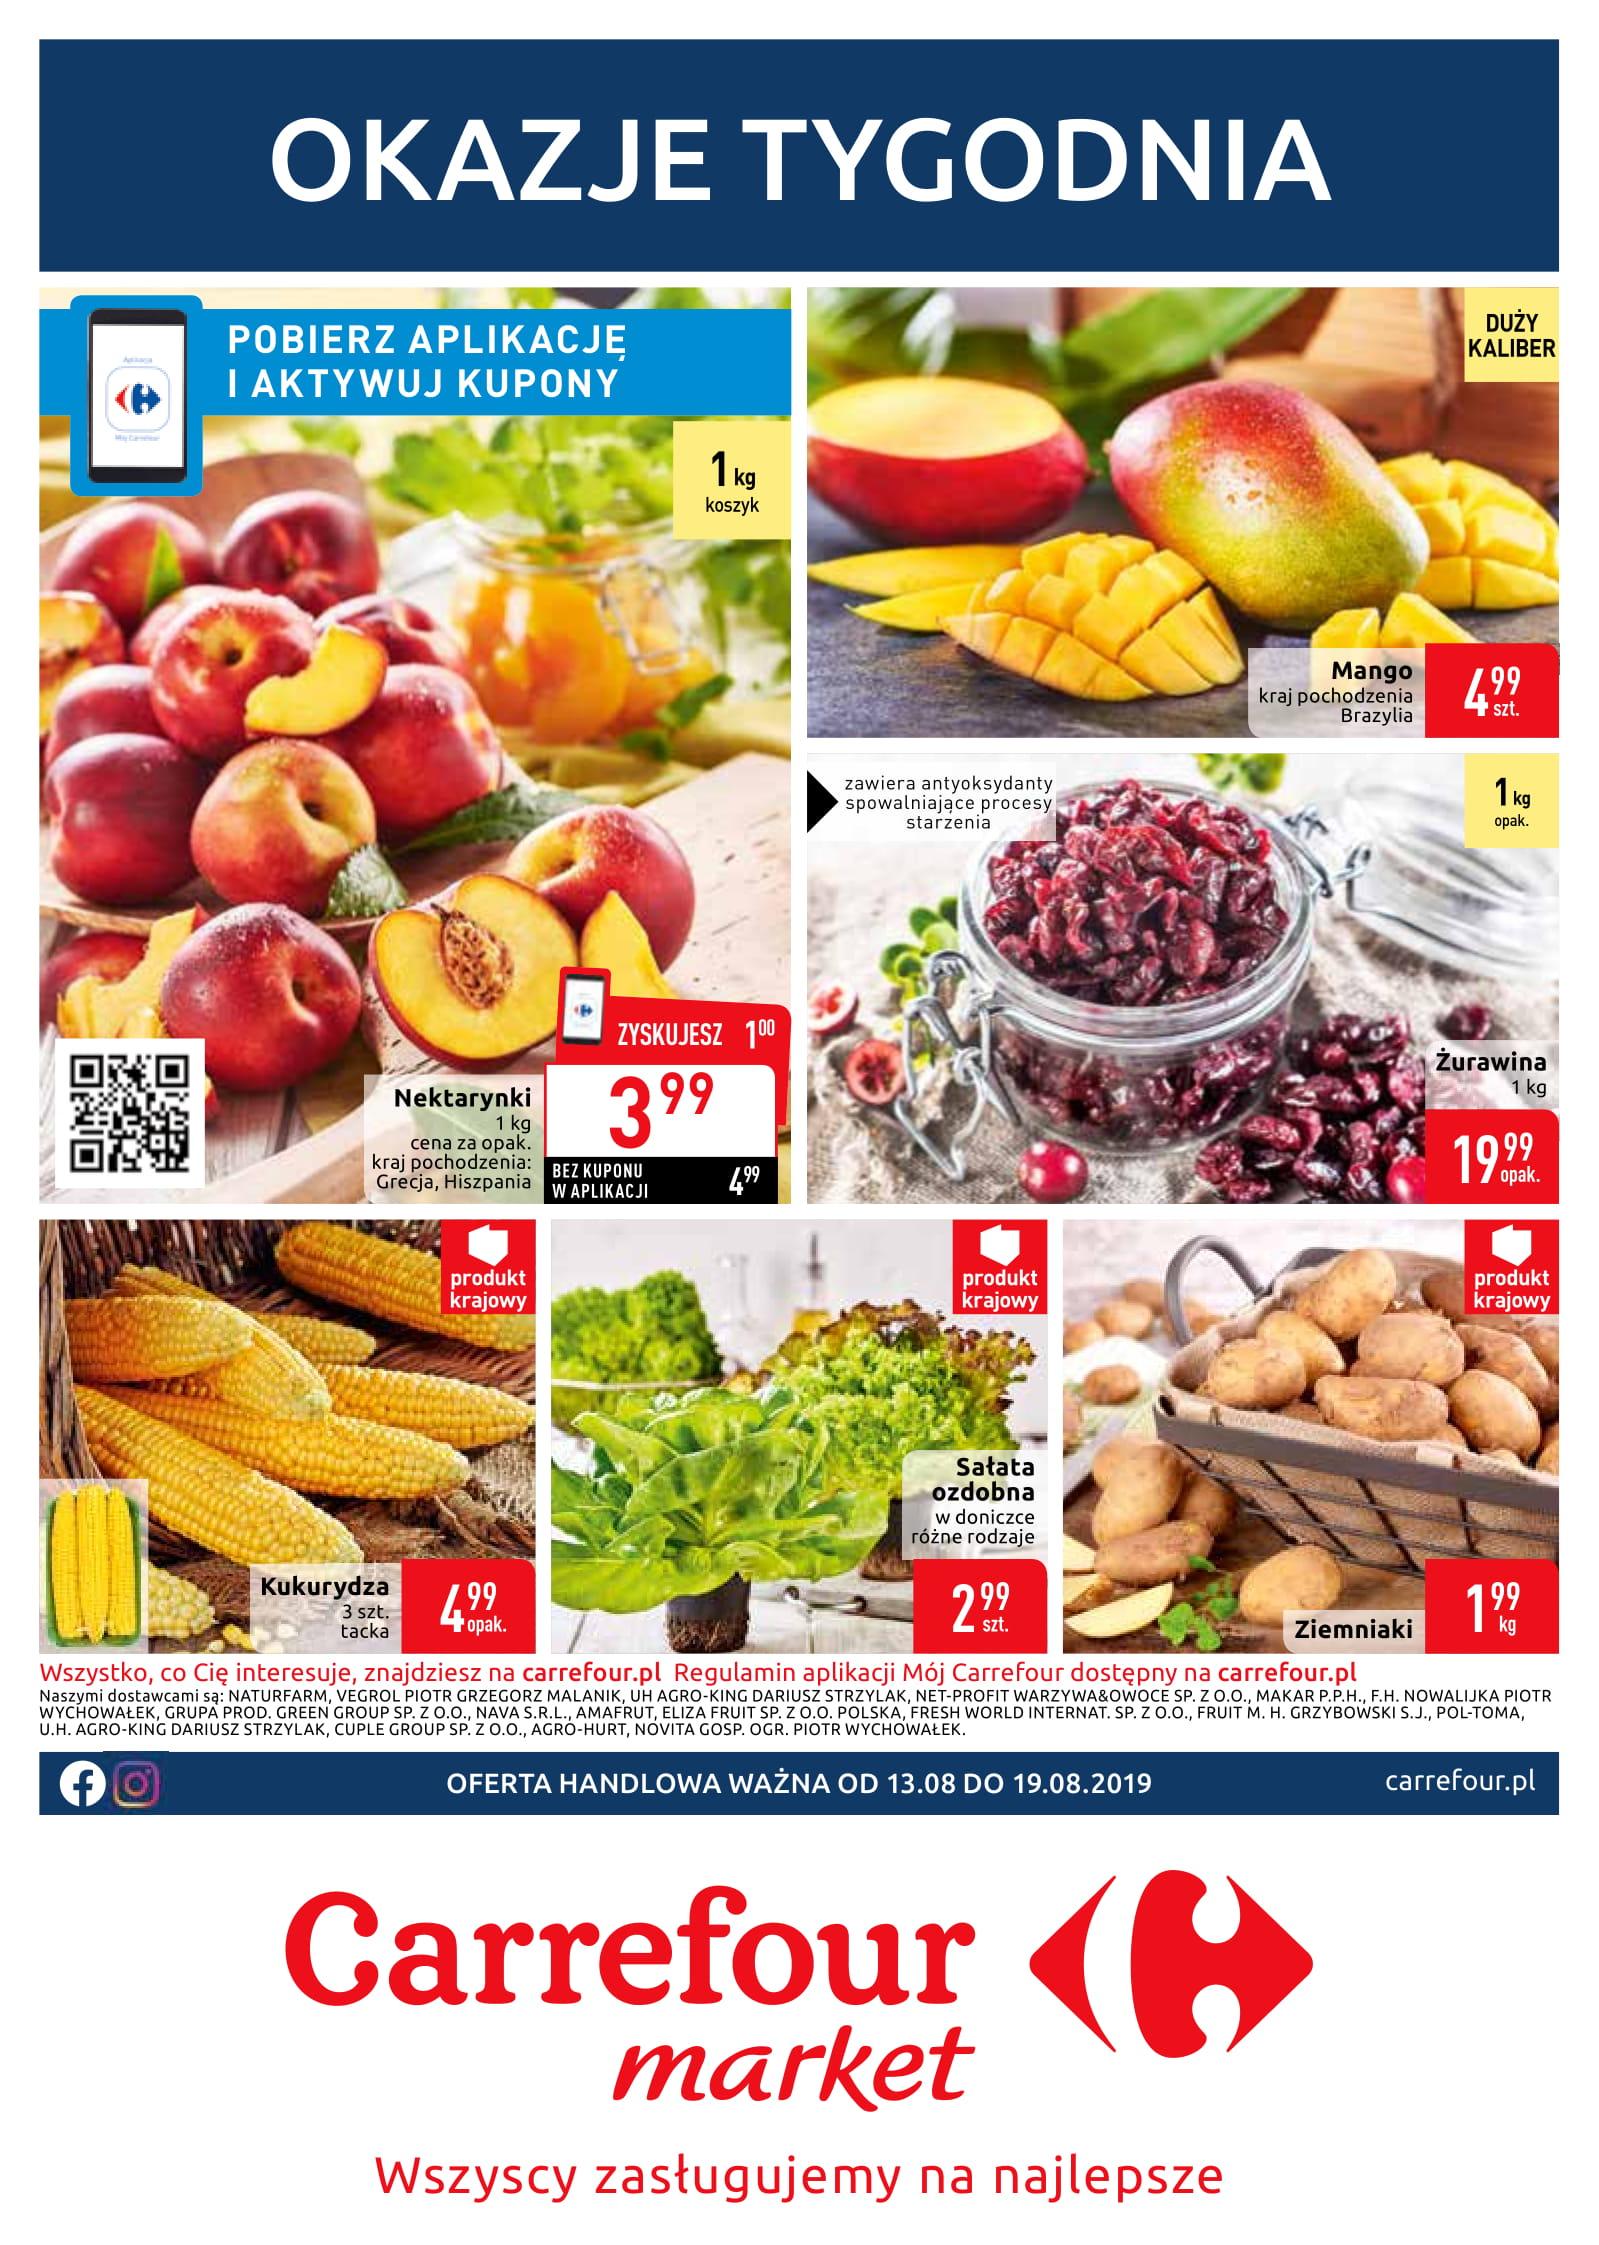 Carrefour okazje tygodnia od 13.08 do 19.08